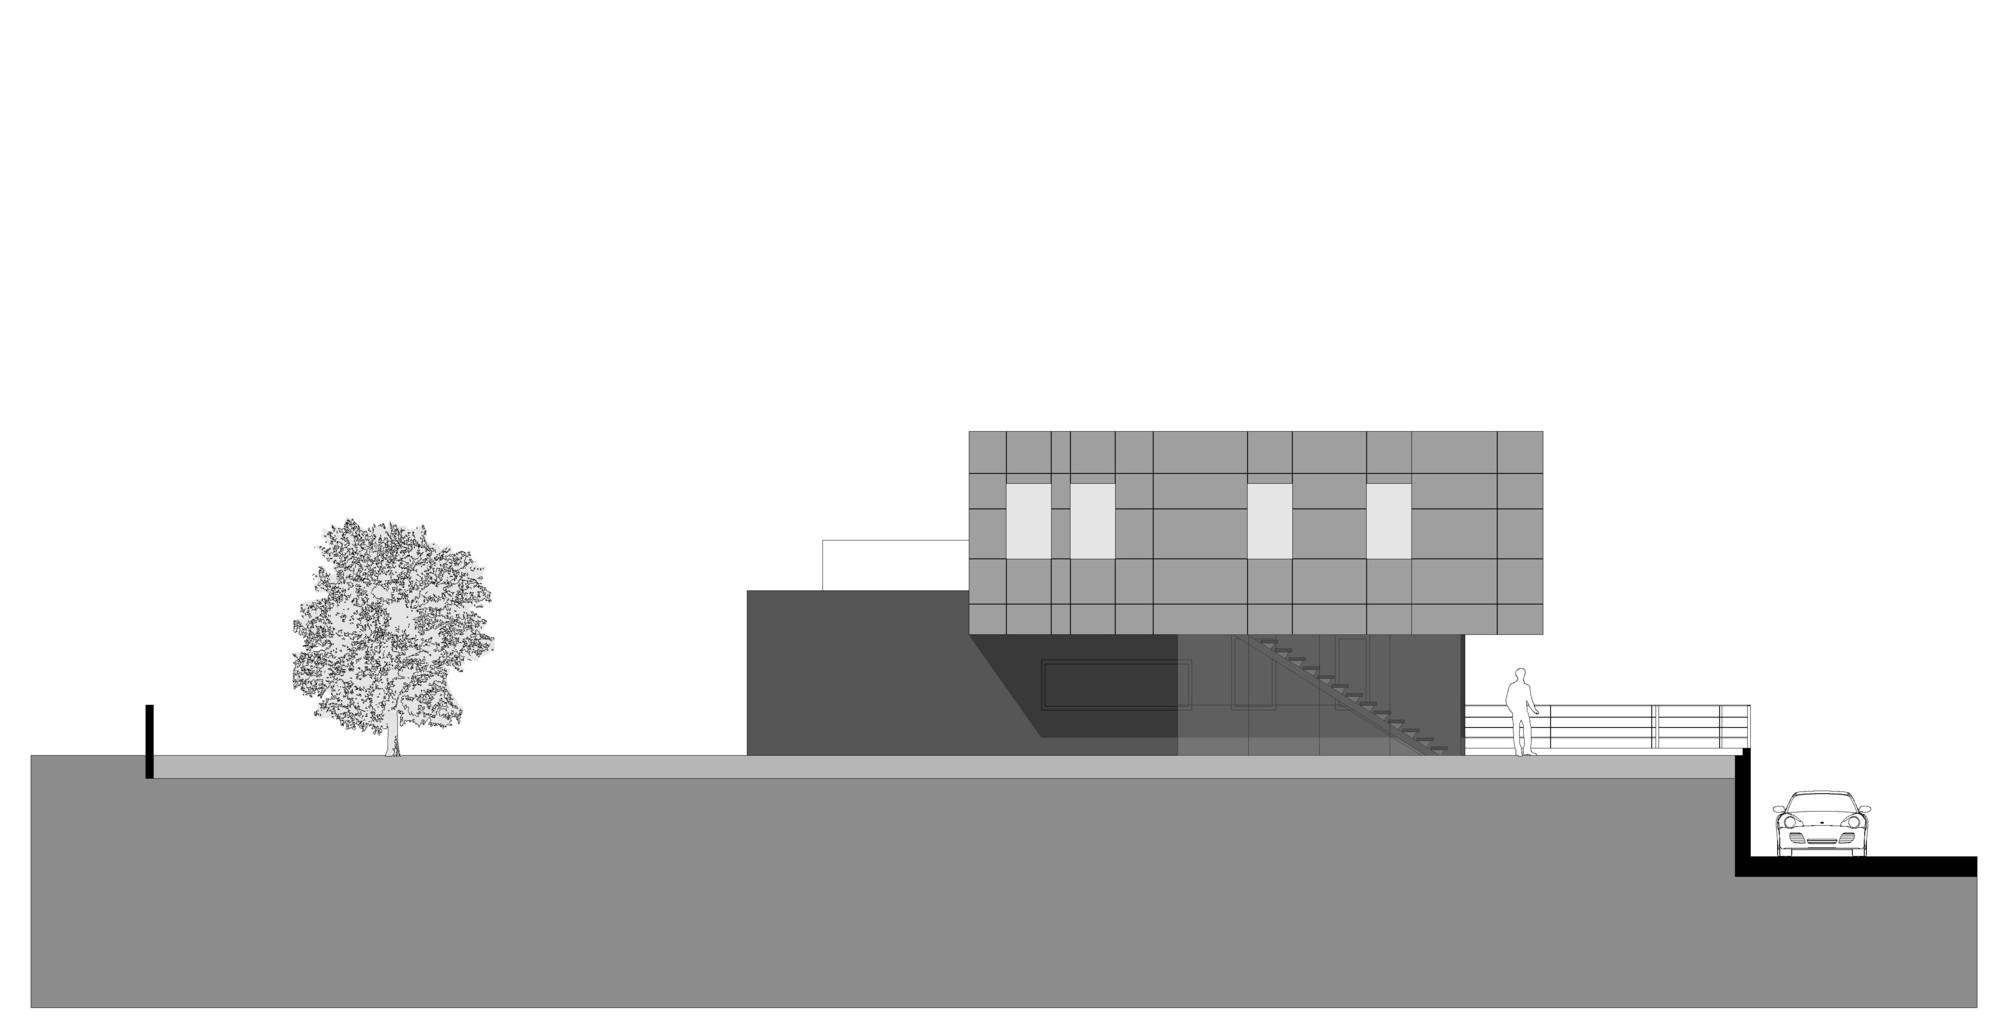 Galeria De Casa M2 Monovolume Architecture Design 27